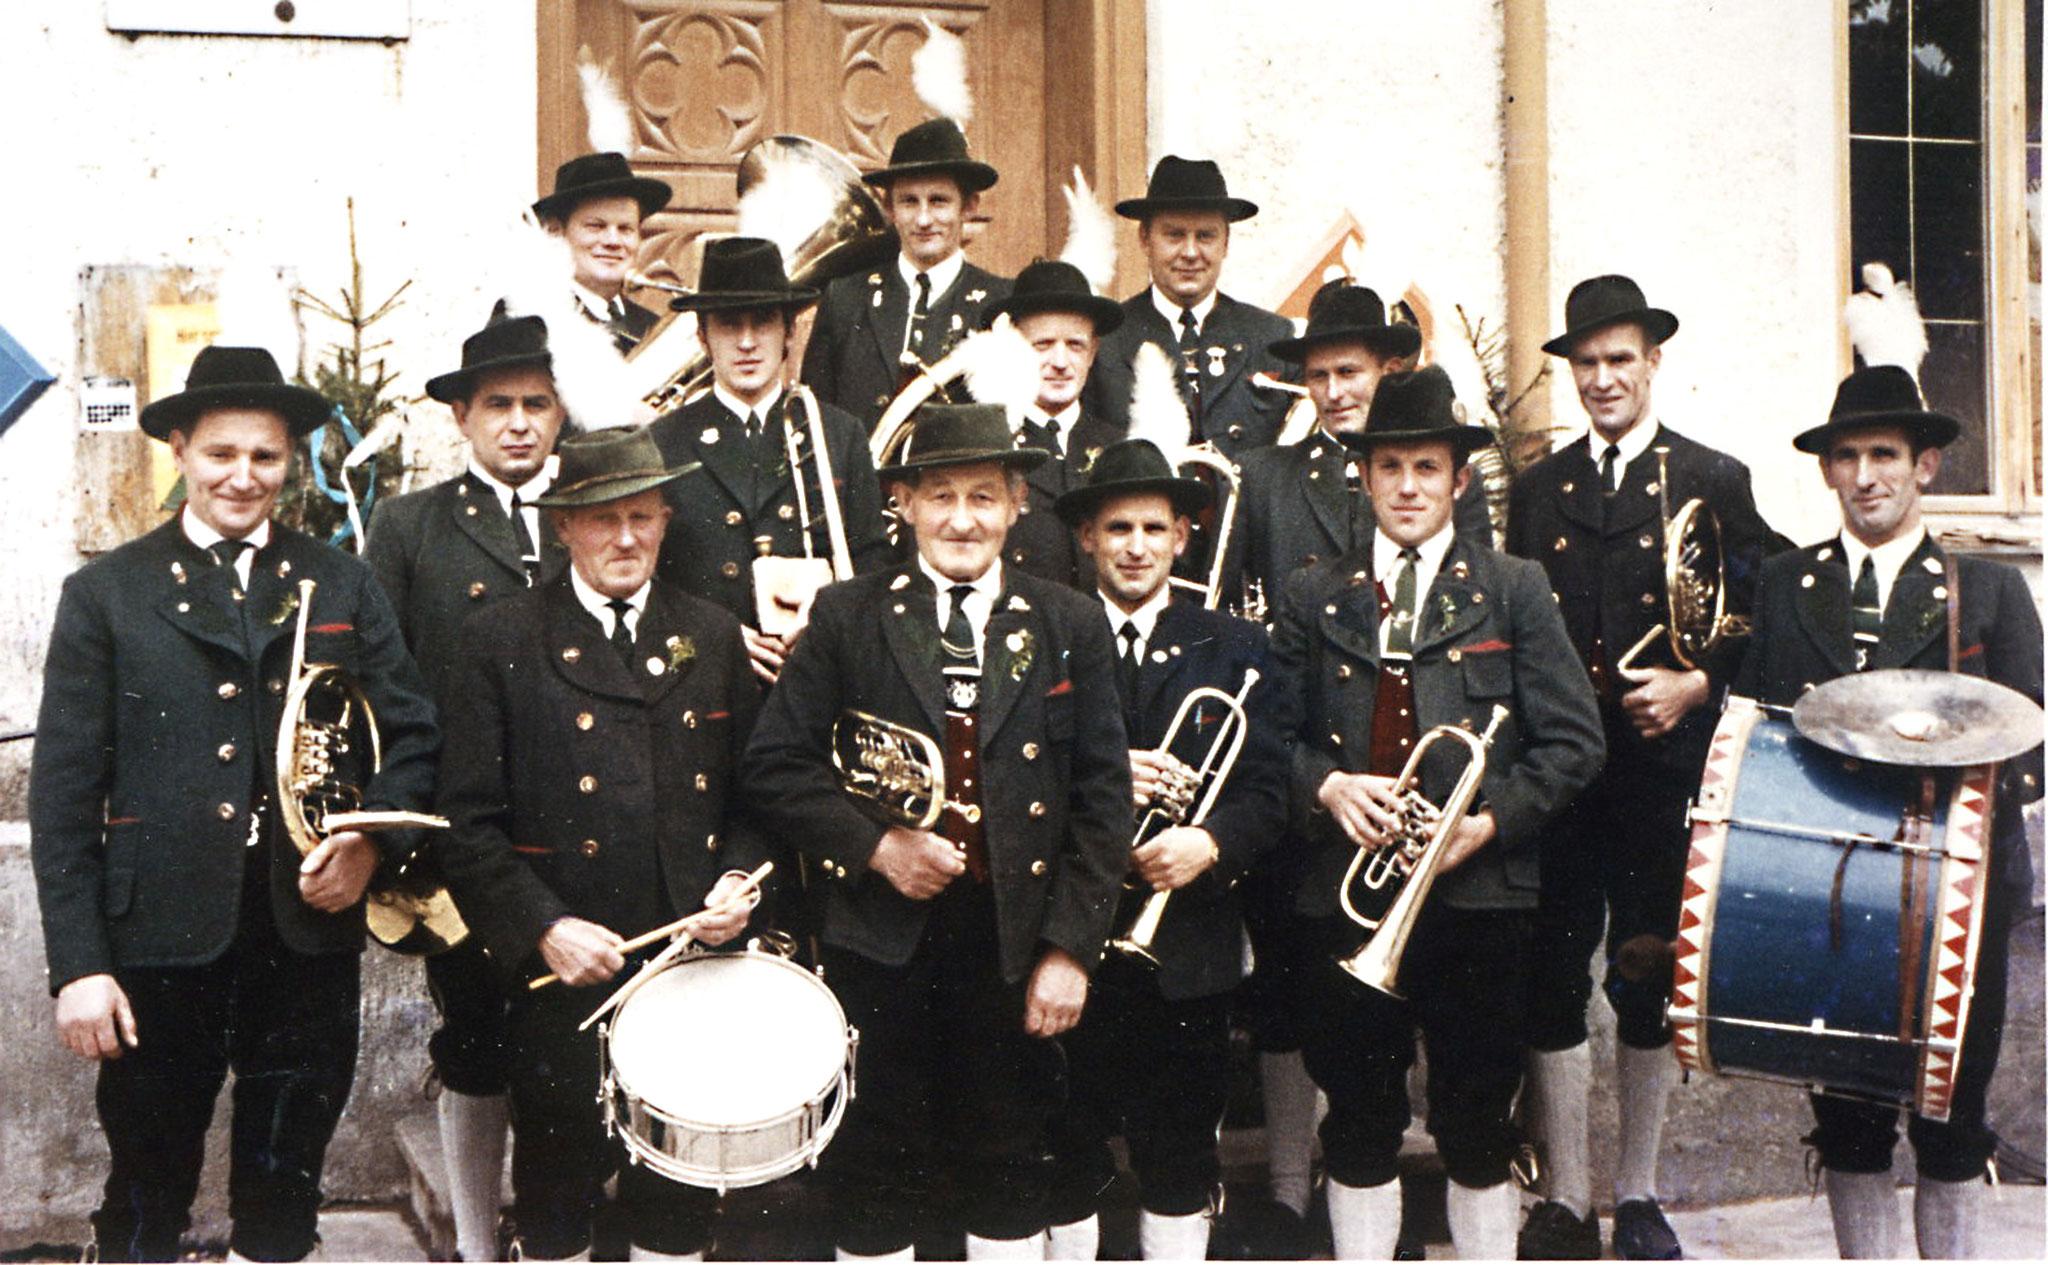 1969 - Musikkapelle in Reichling